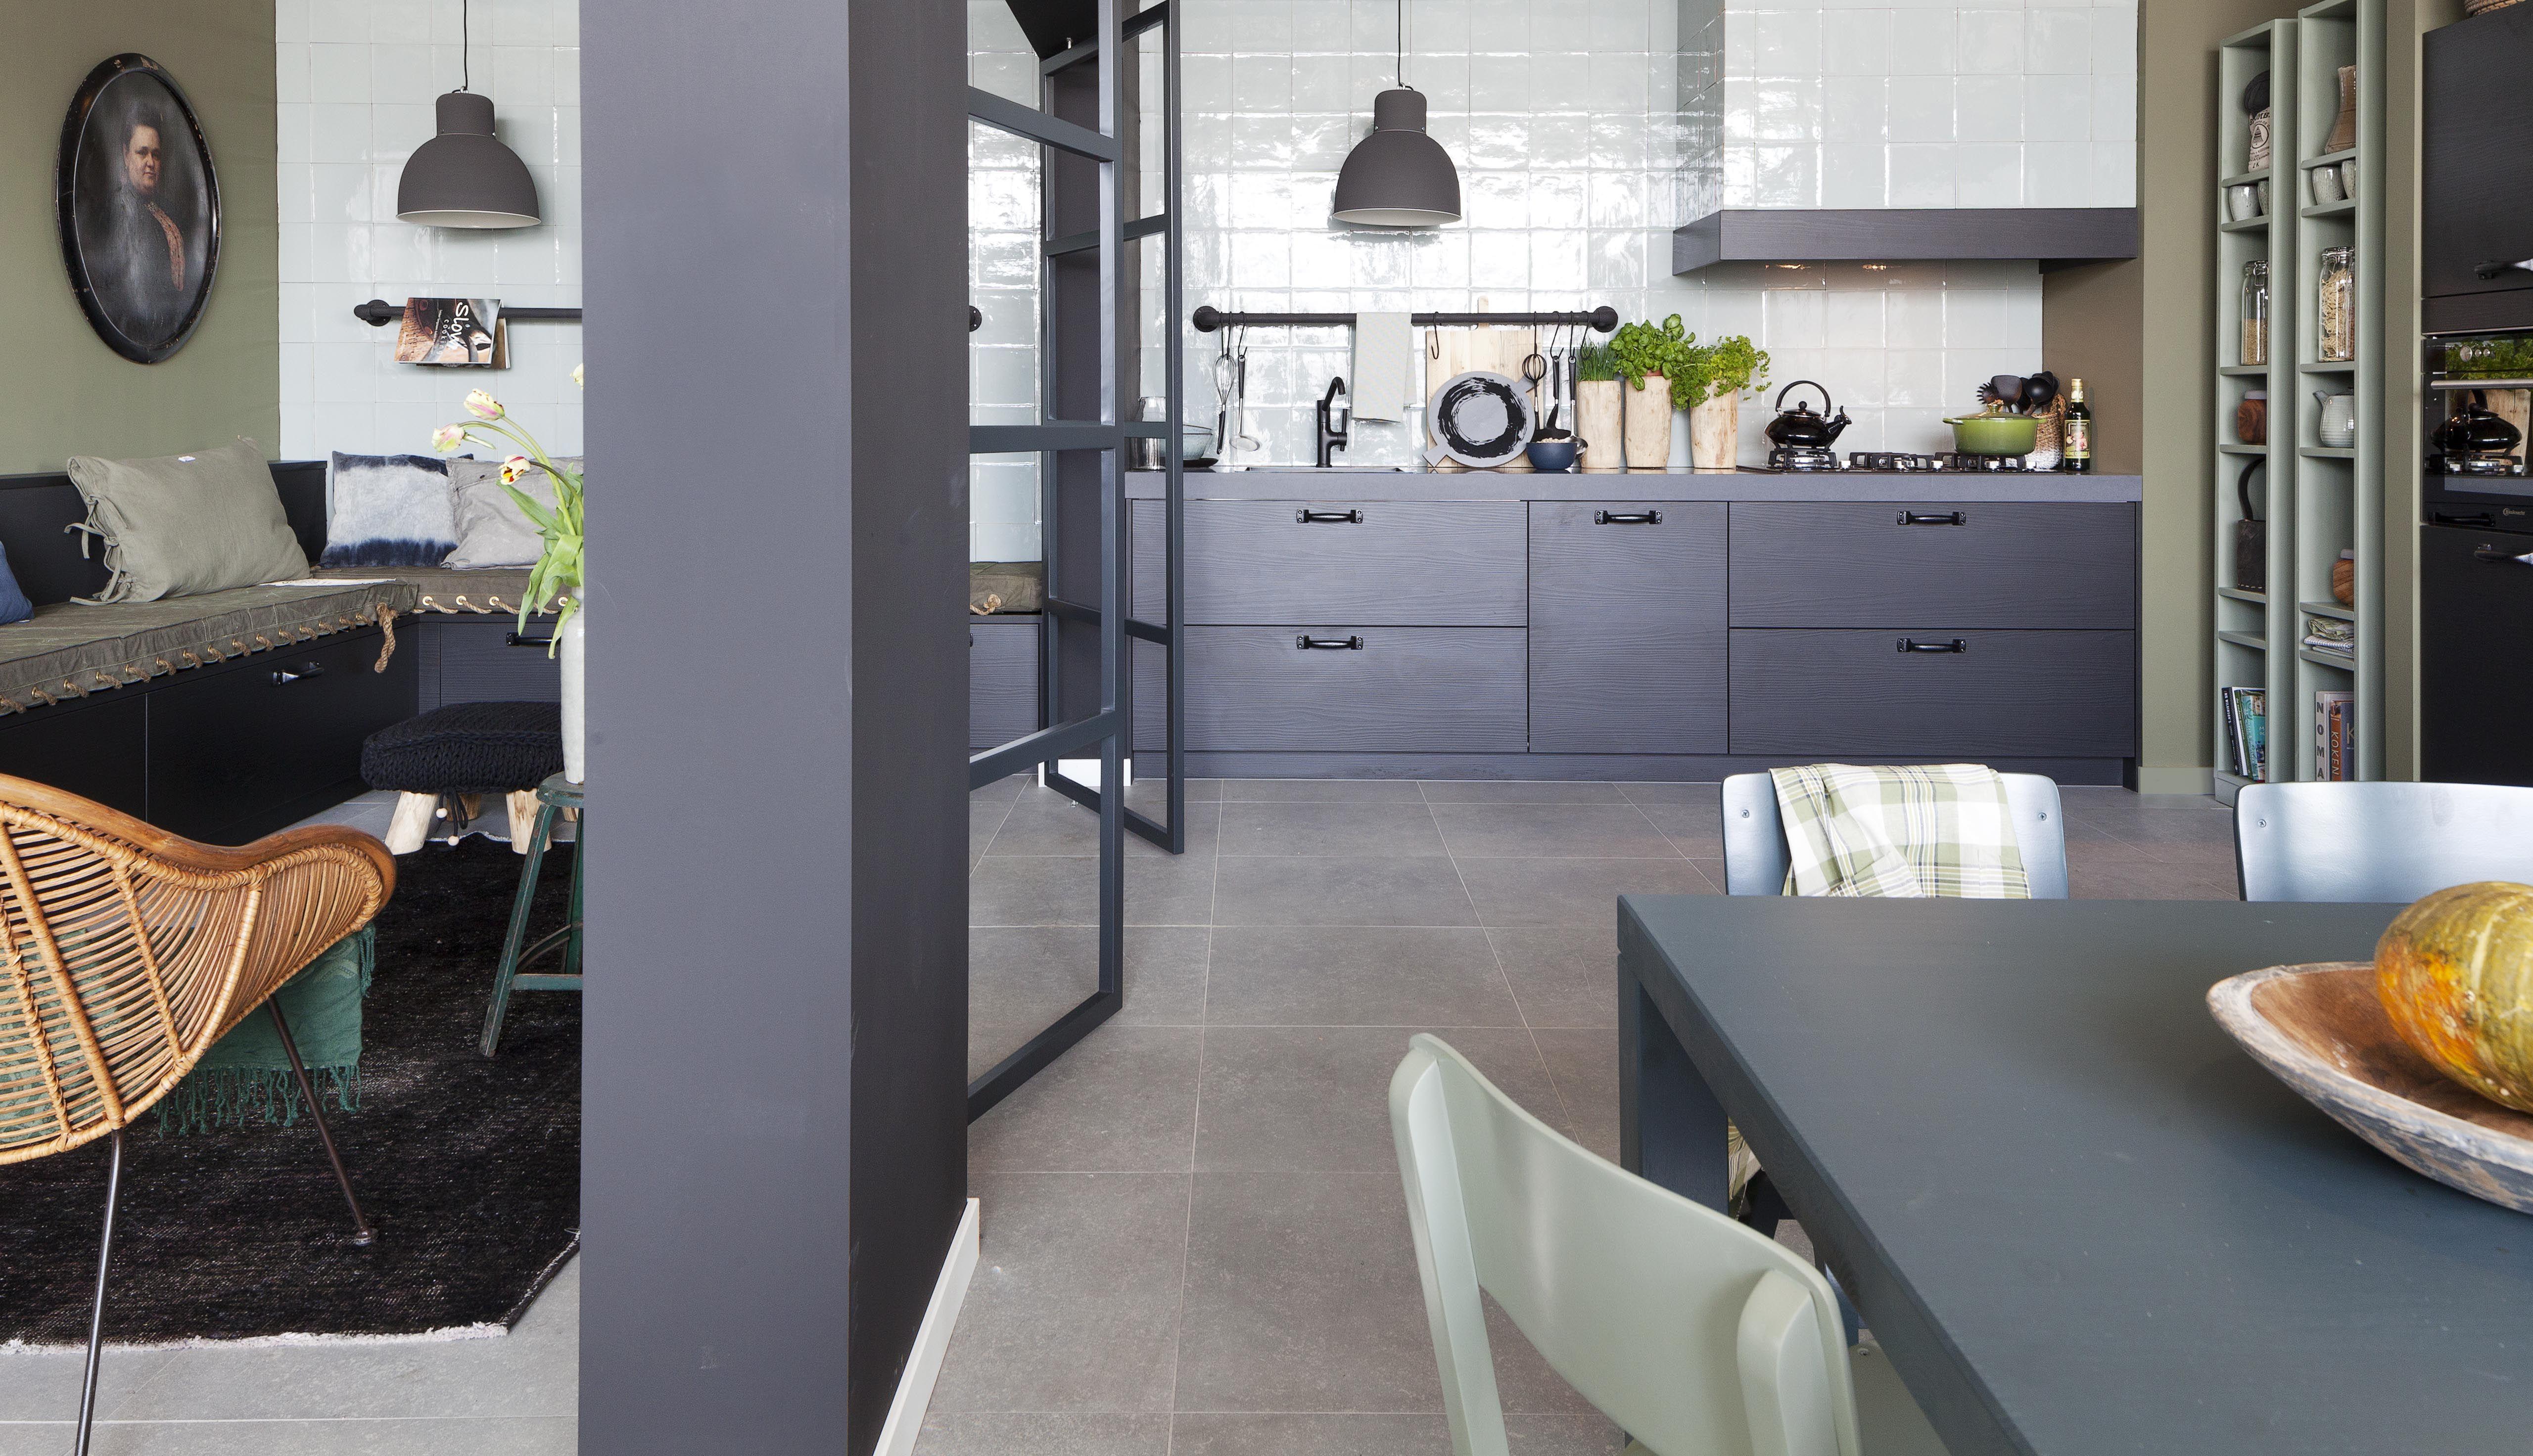 Vtwonen Keuken Houten : Vtwonen keuken vtwonencollectie keuken keuken